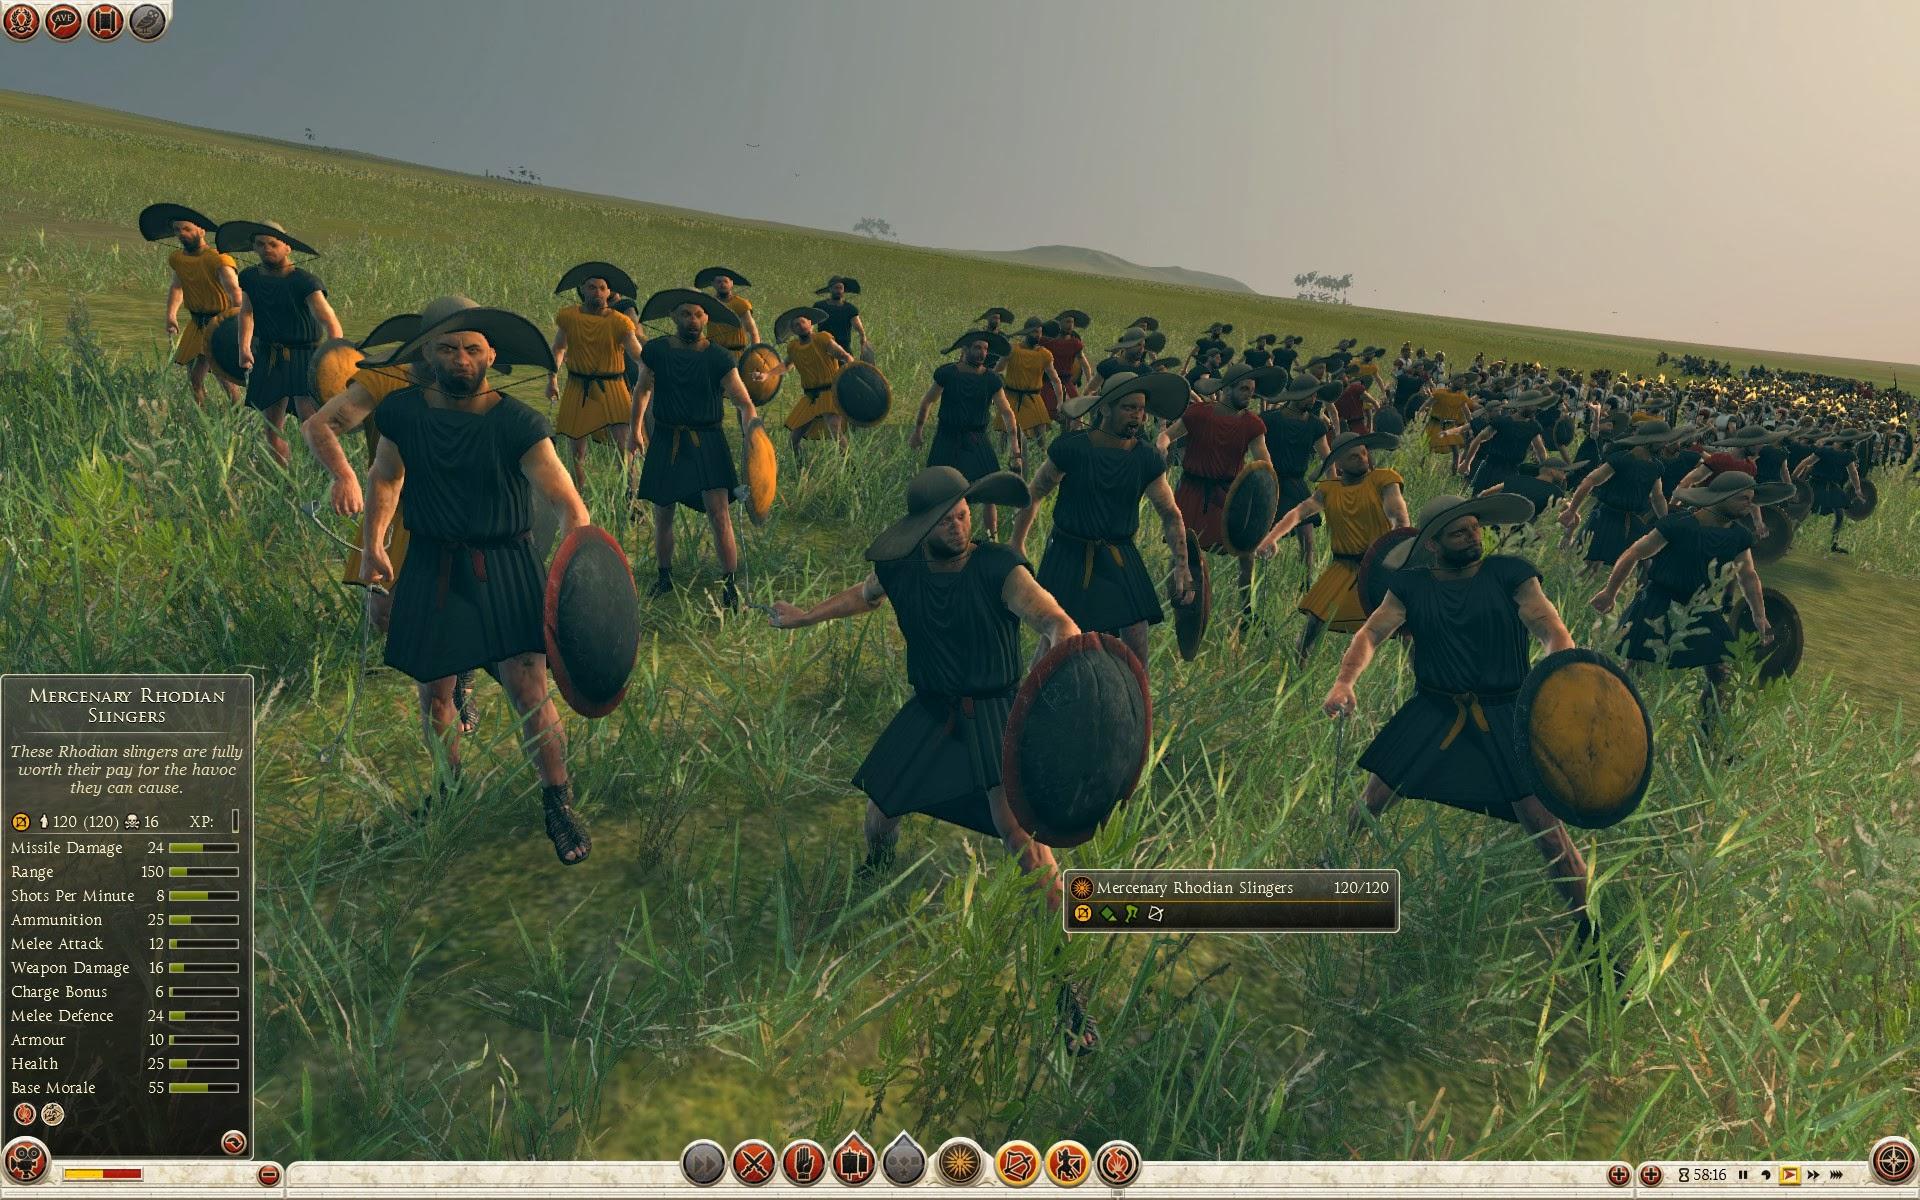 Mercenary Rhodian Slingers